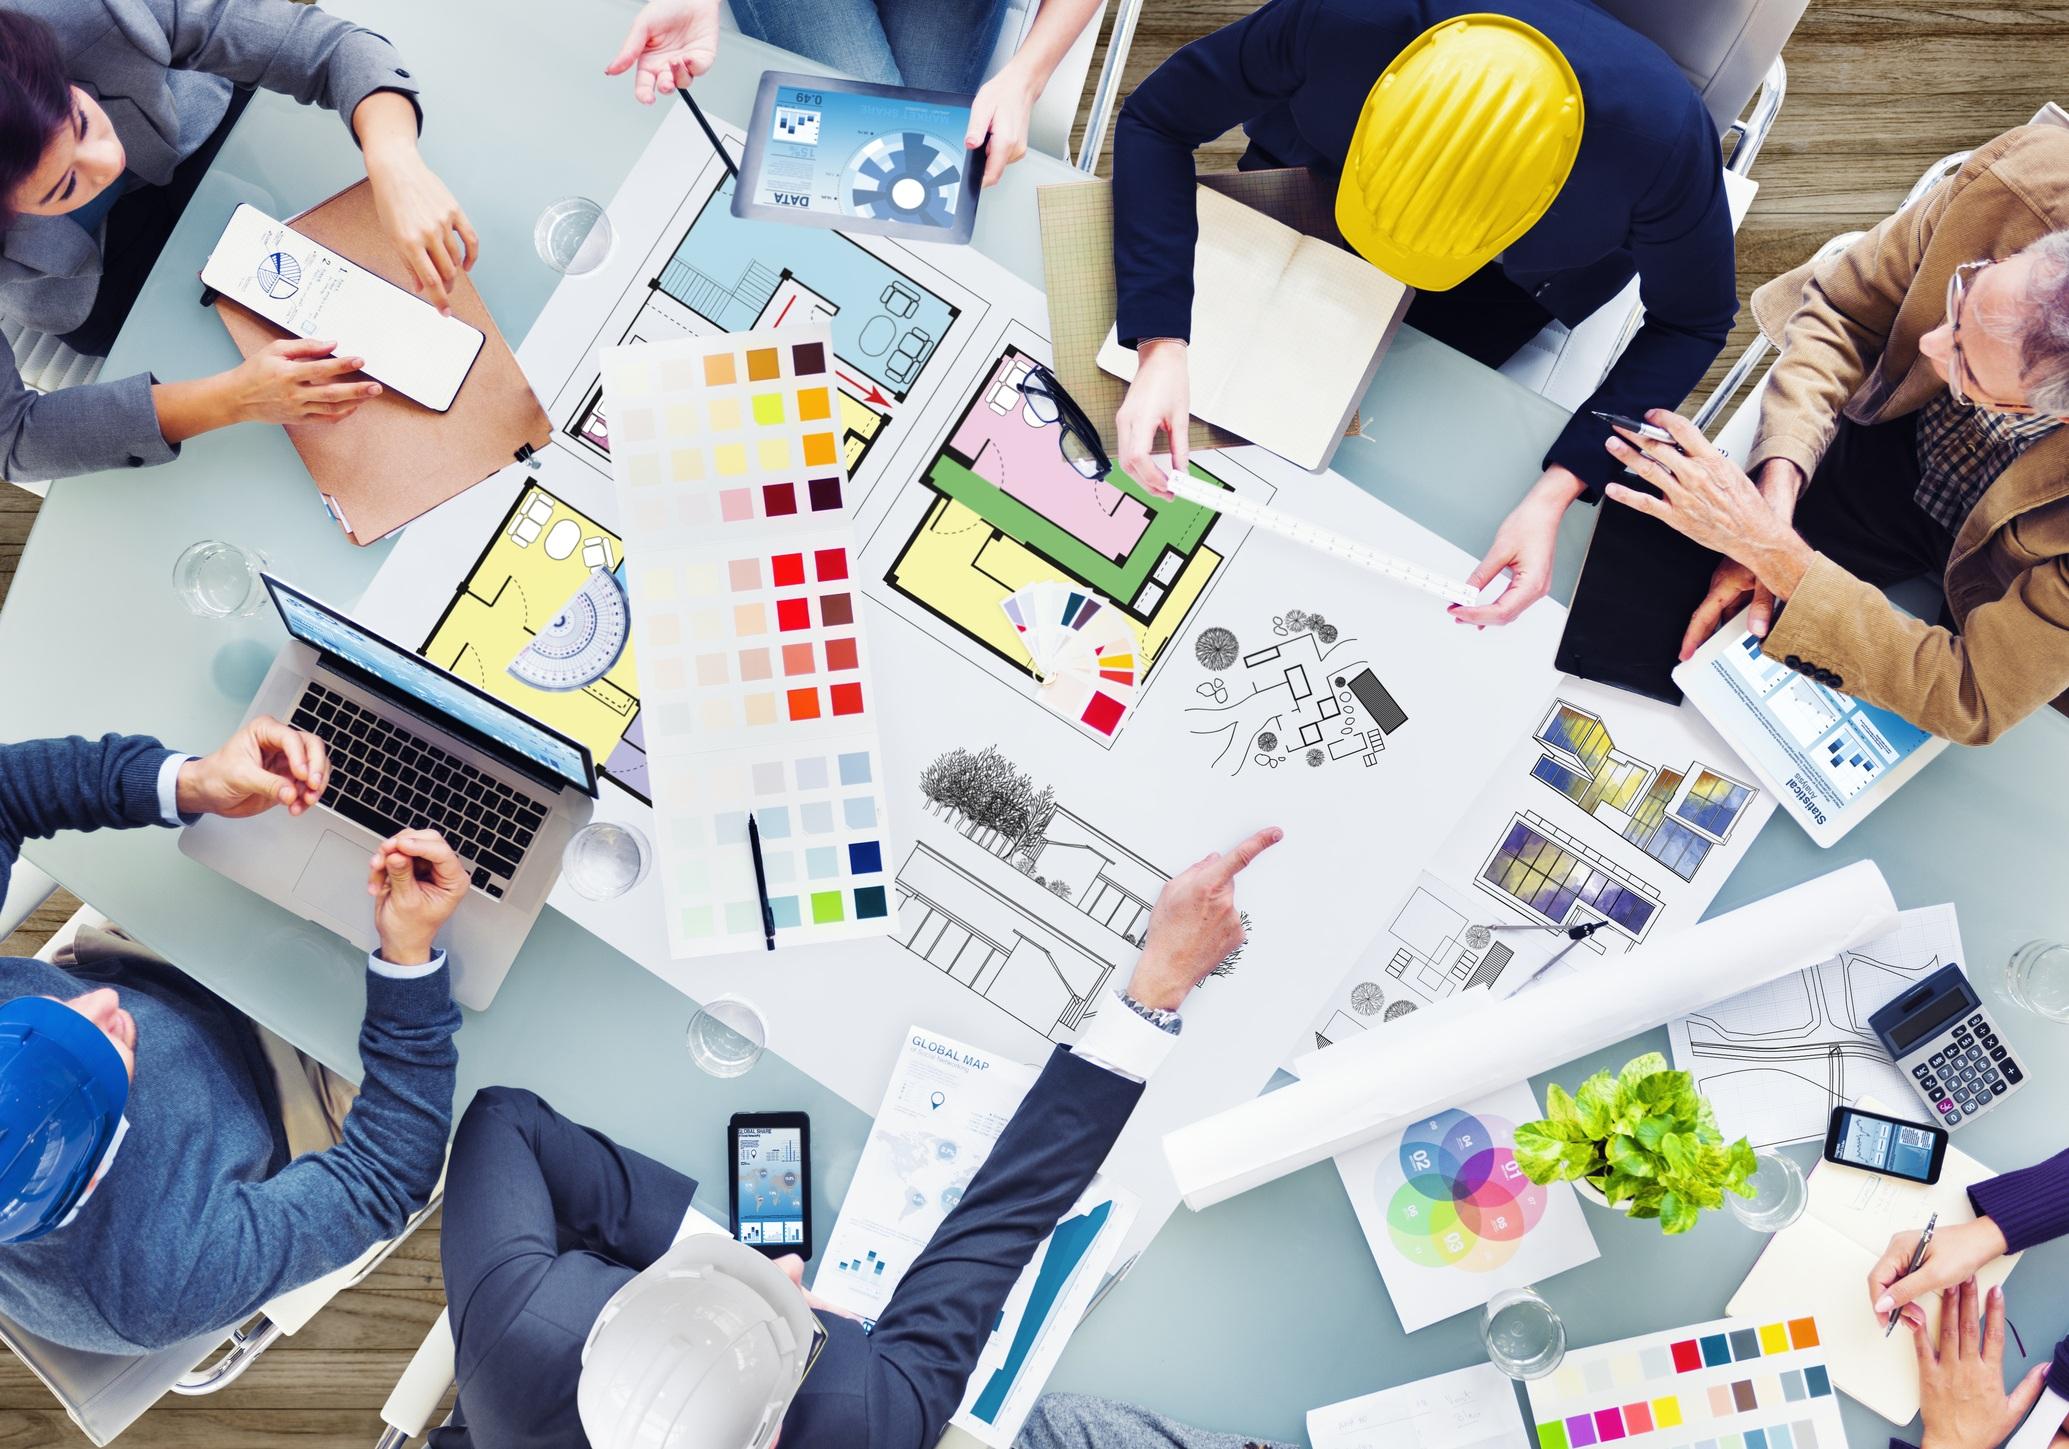 Лучшие приложения для развития креативности и творческой работы